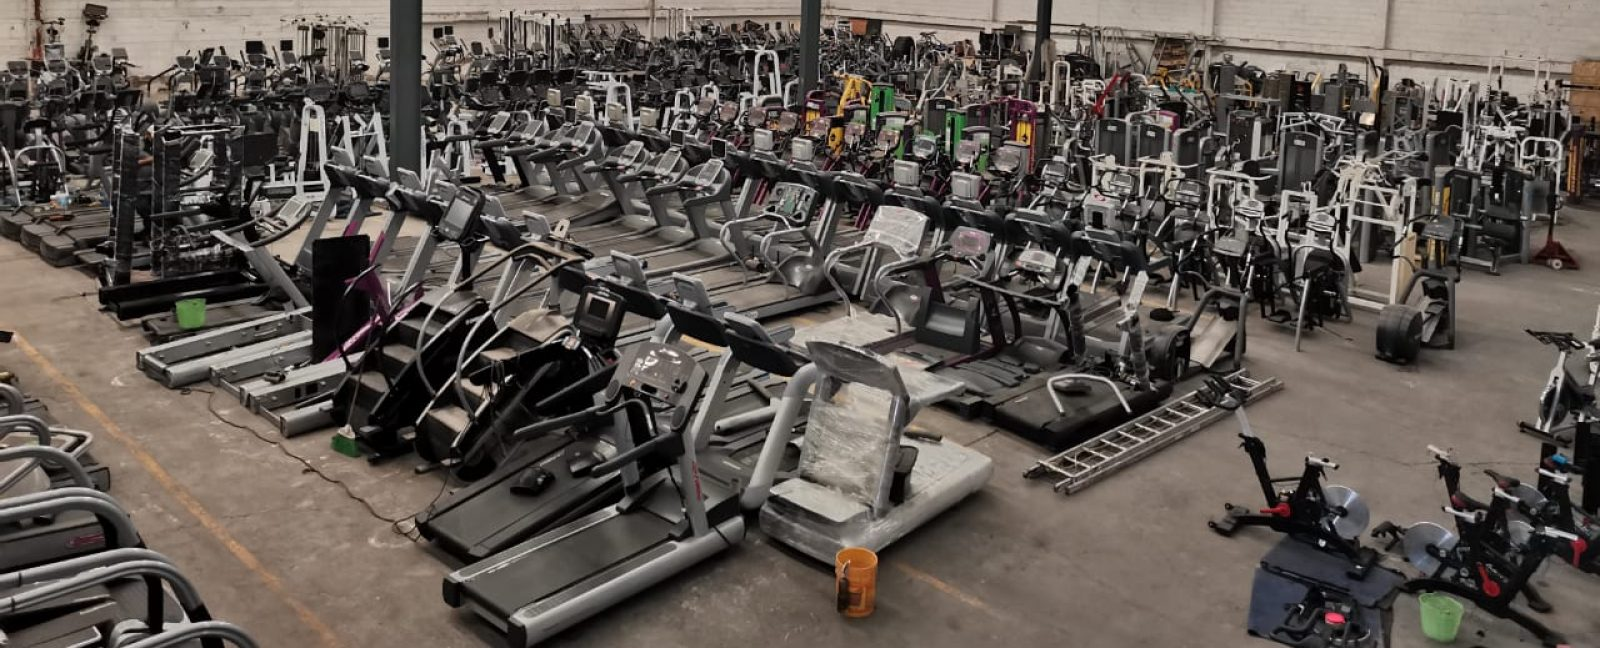 Equipo y aparatos de gimnasio